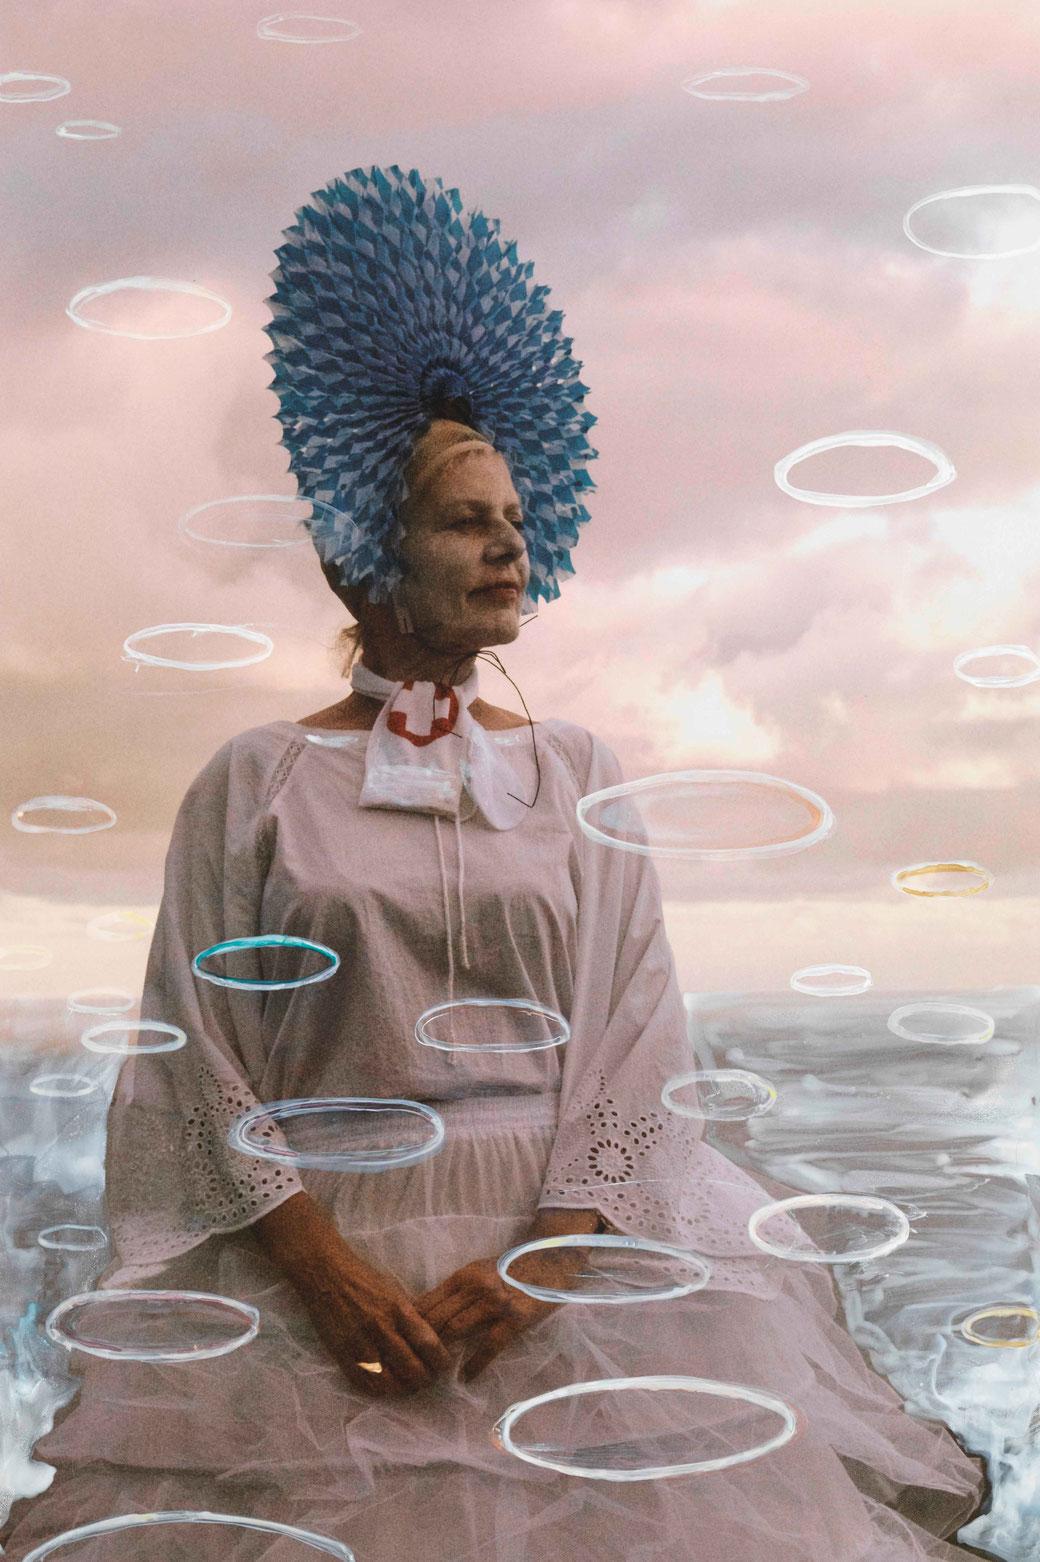 Cornelia Schleime, 'Medusen', 2019. Fotografieselbstinszenierung, übermalt, auf Aludibond, 135 x 90 cm.  (C) & Courtesy: Cornelia Schleime und Galerie Michael Schultz, Berlin.